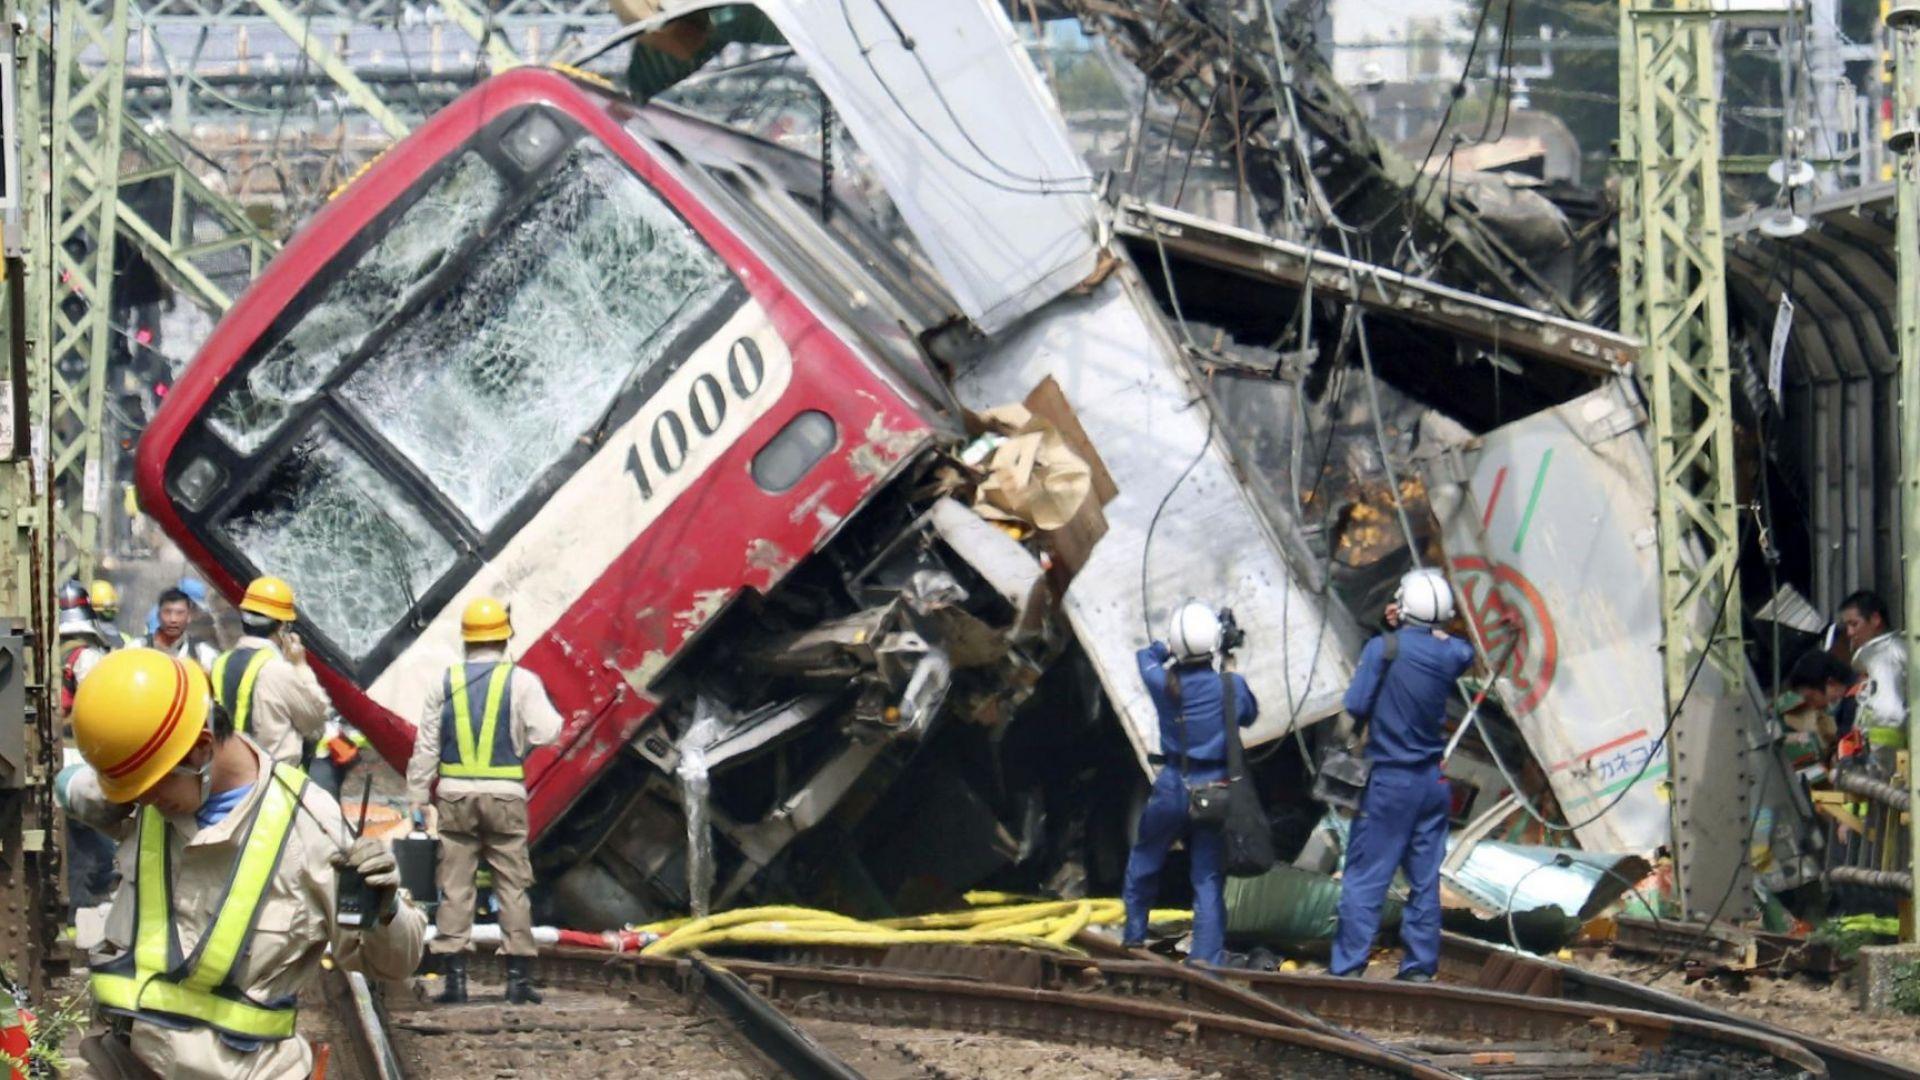 Десетки ранени след сблъсък между влак и камион в Япония (снимки и видео)